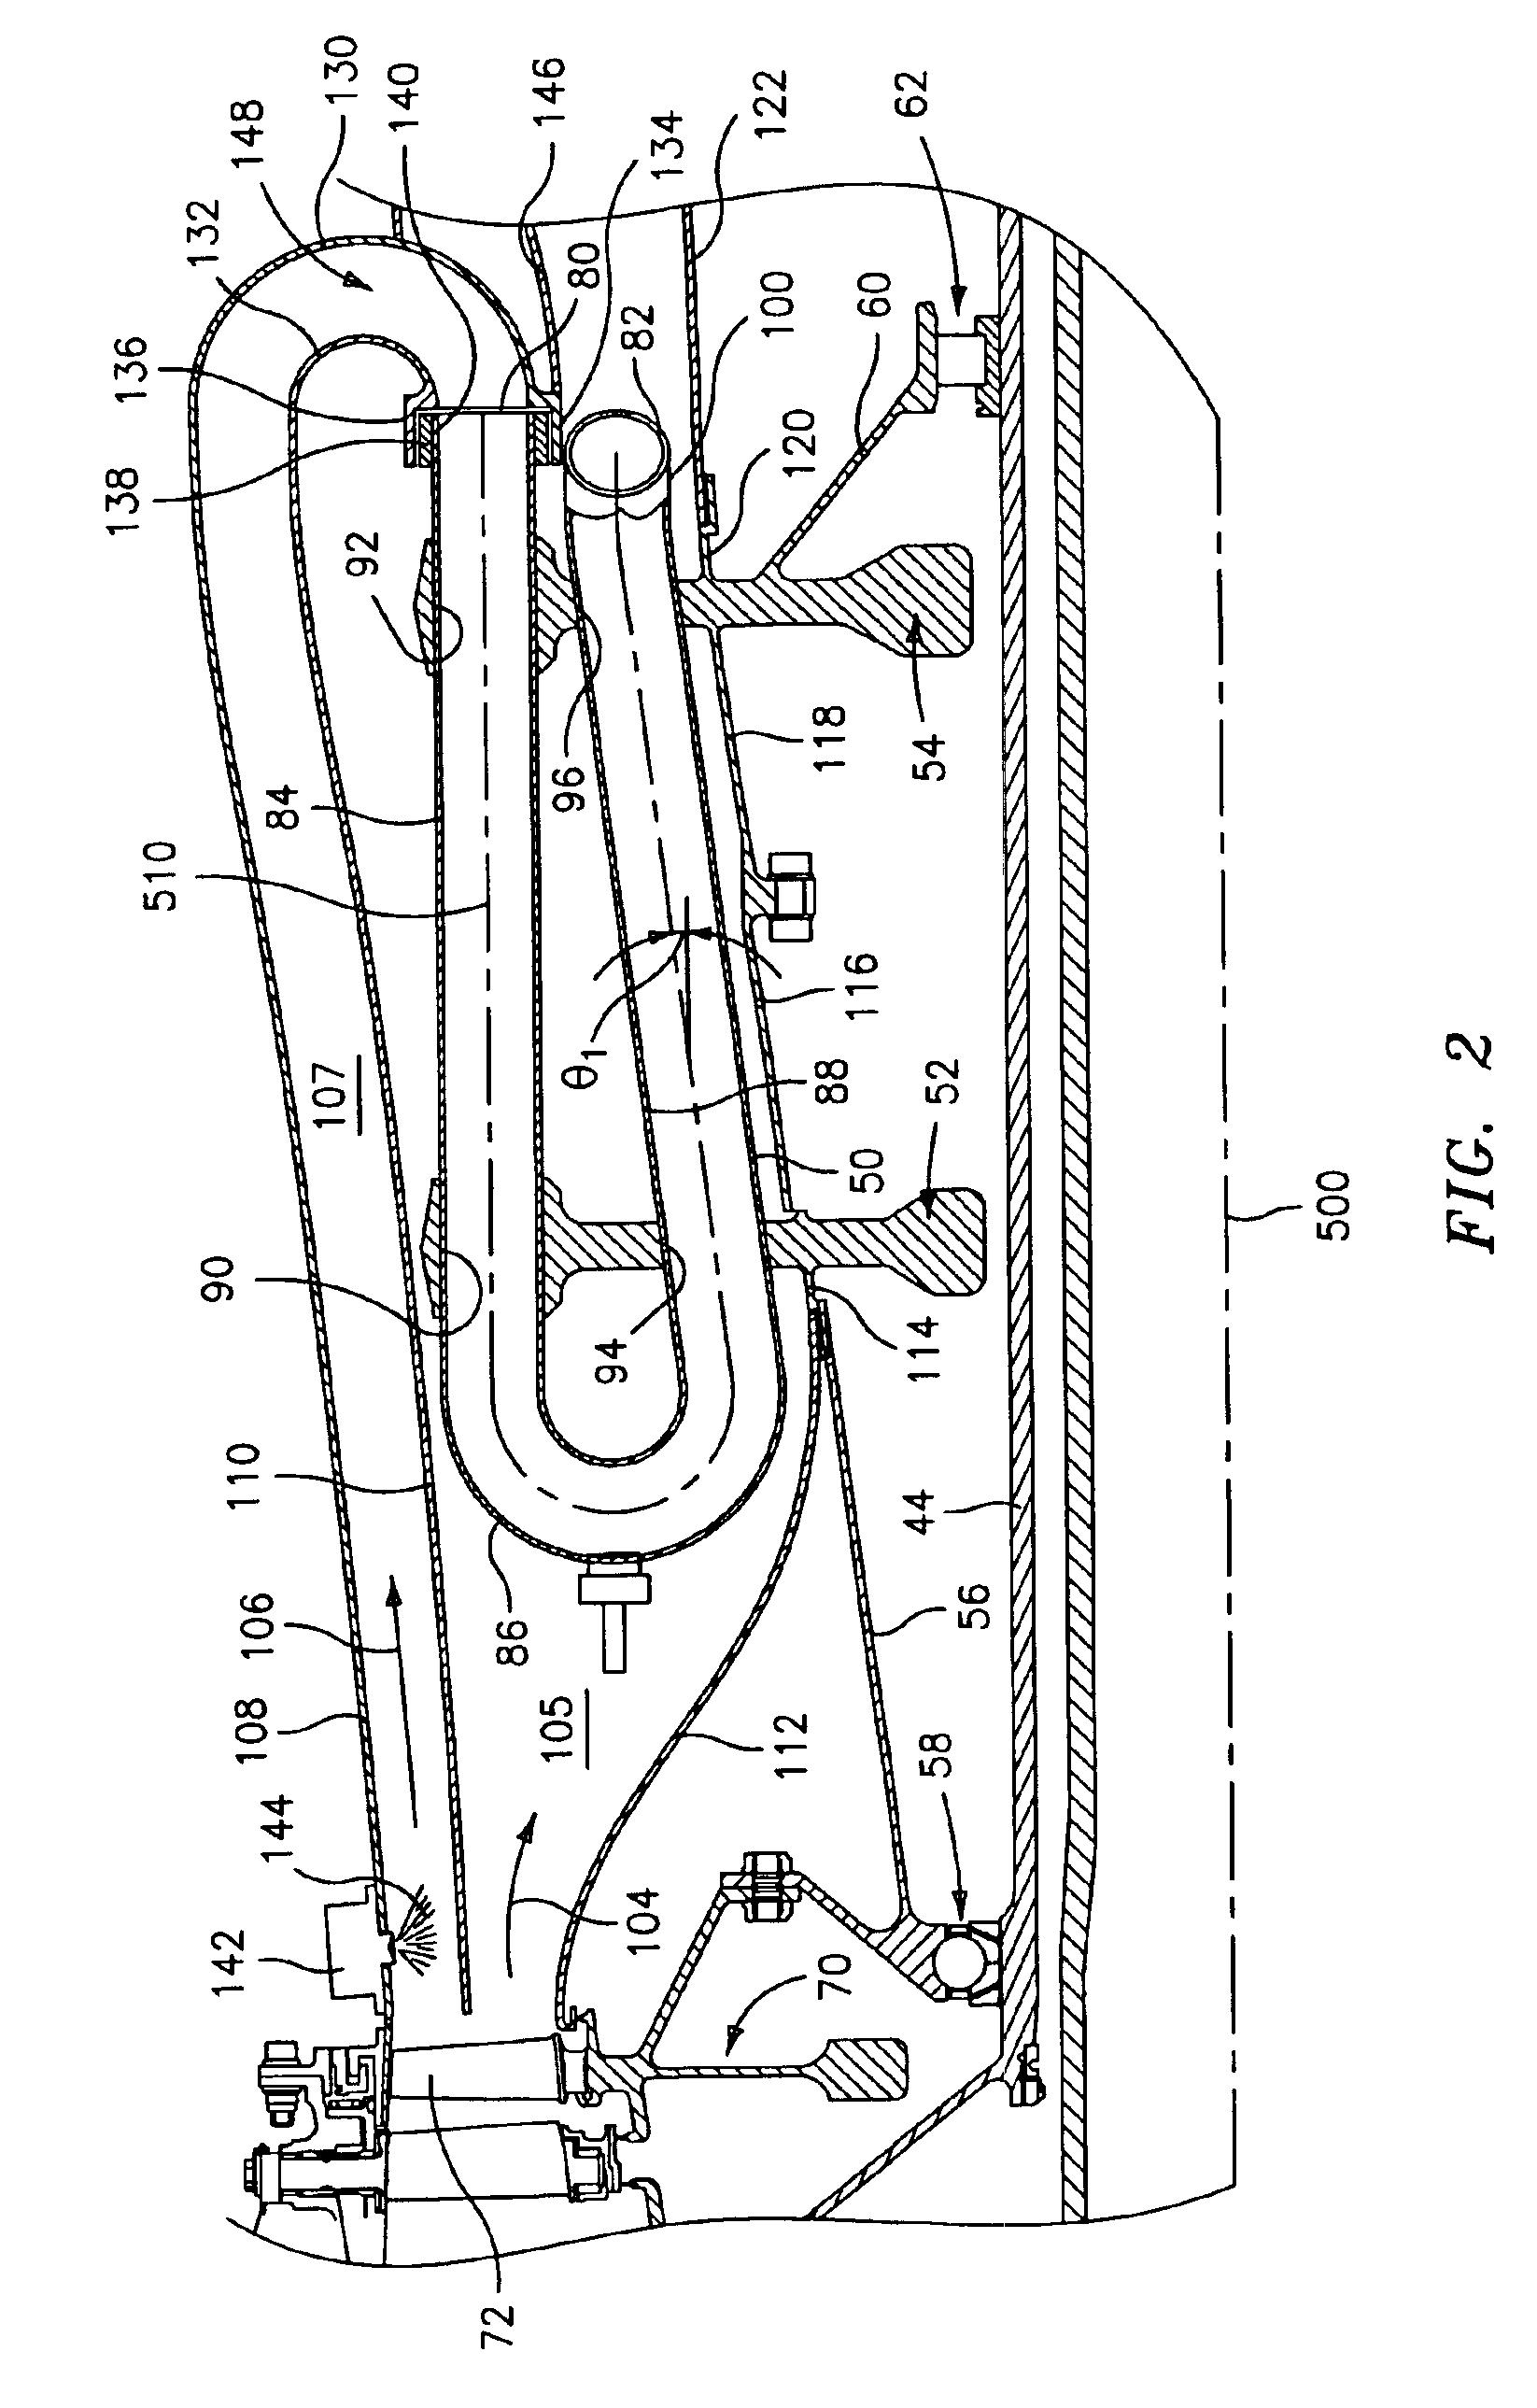 true gdm 49f wiring diagram